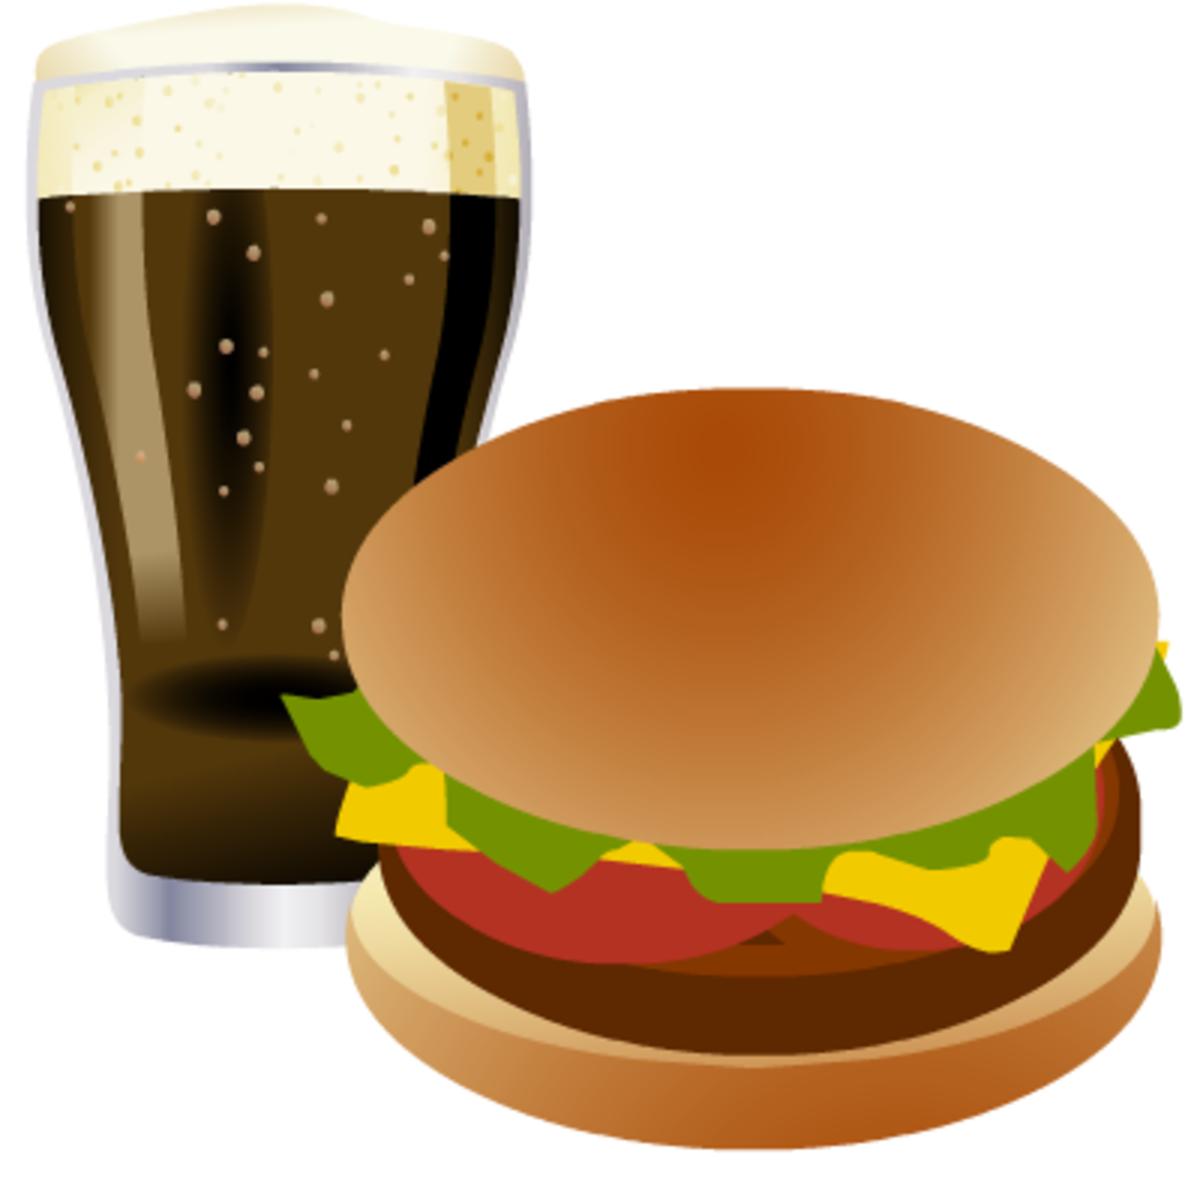 hamburger and soft drink